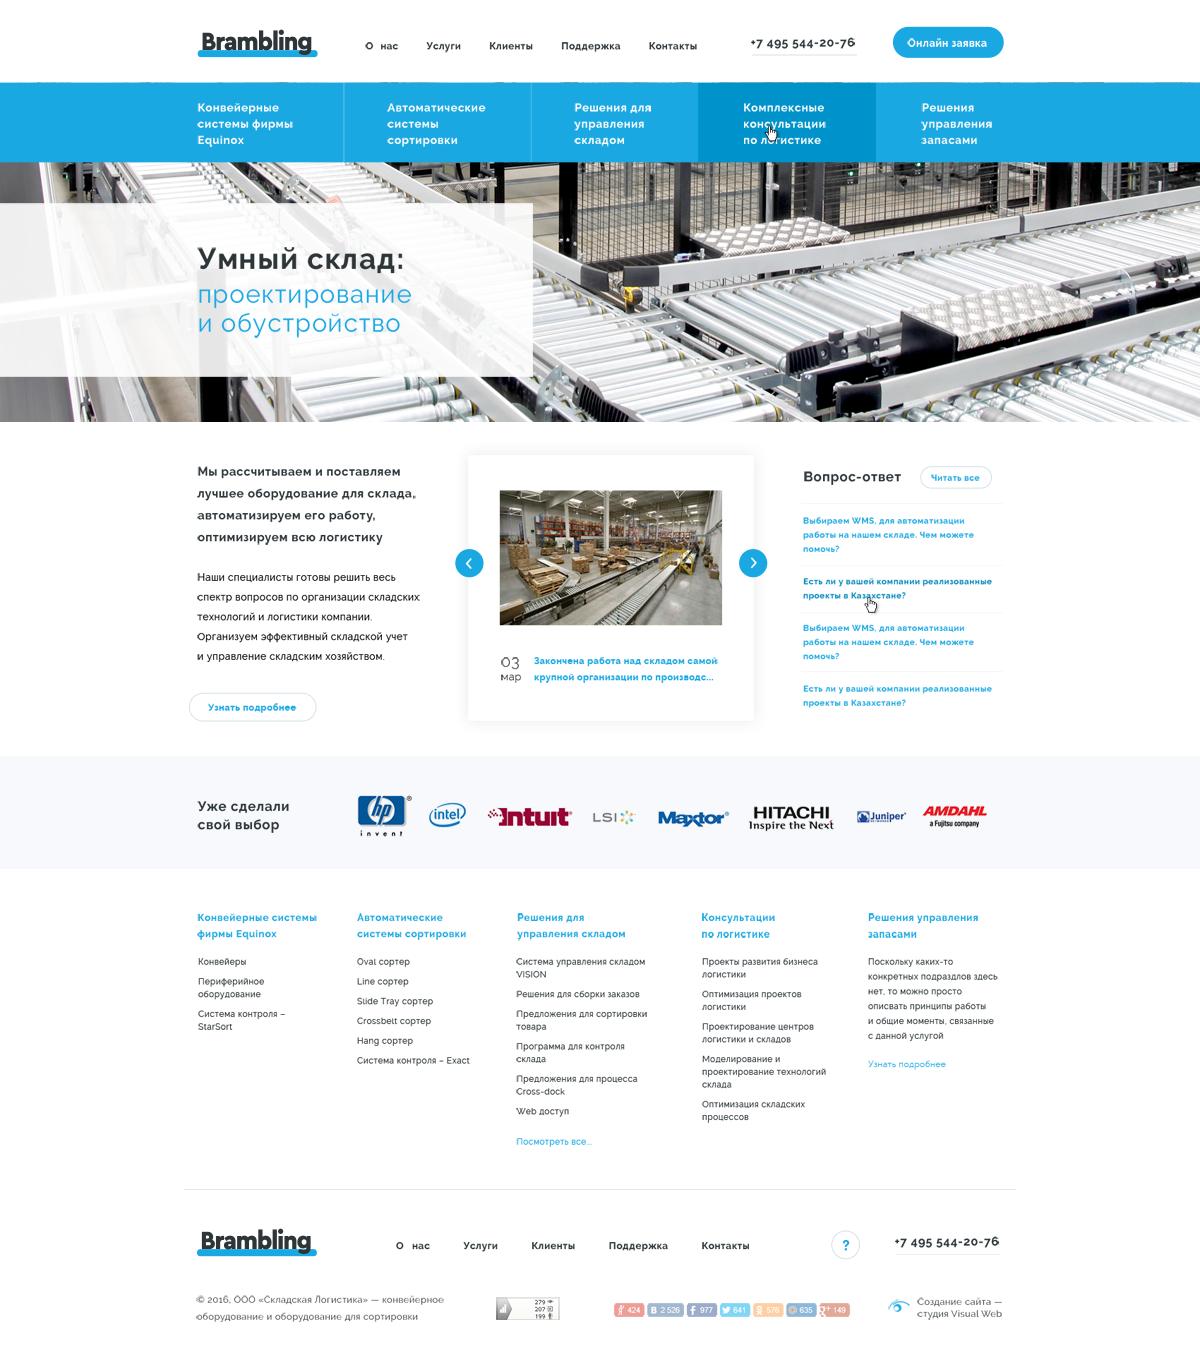 Сайт логистической компании Brambling